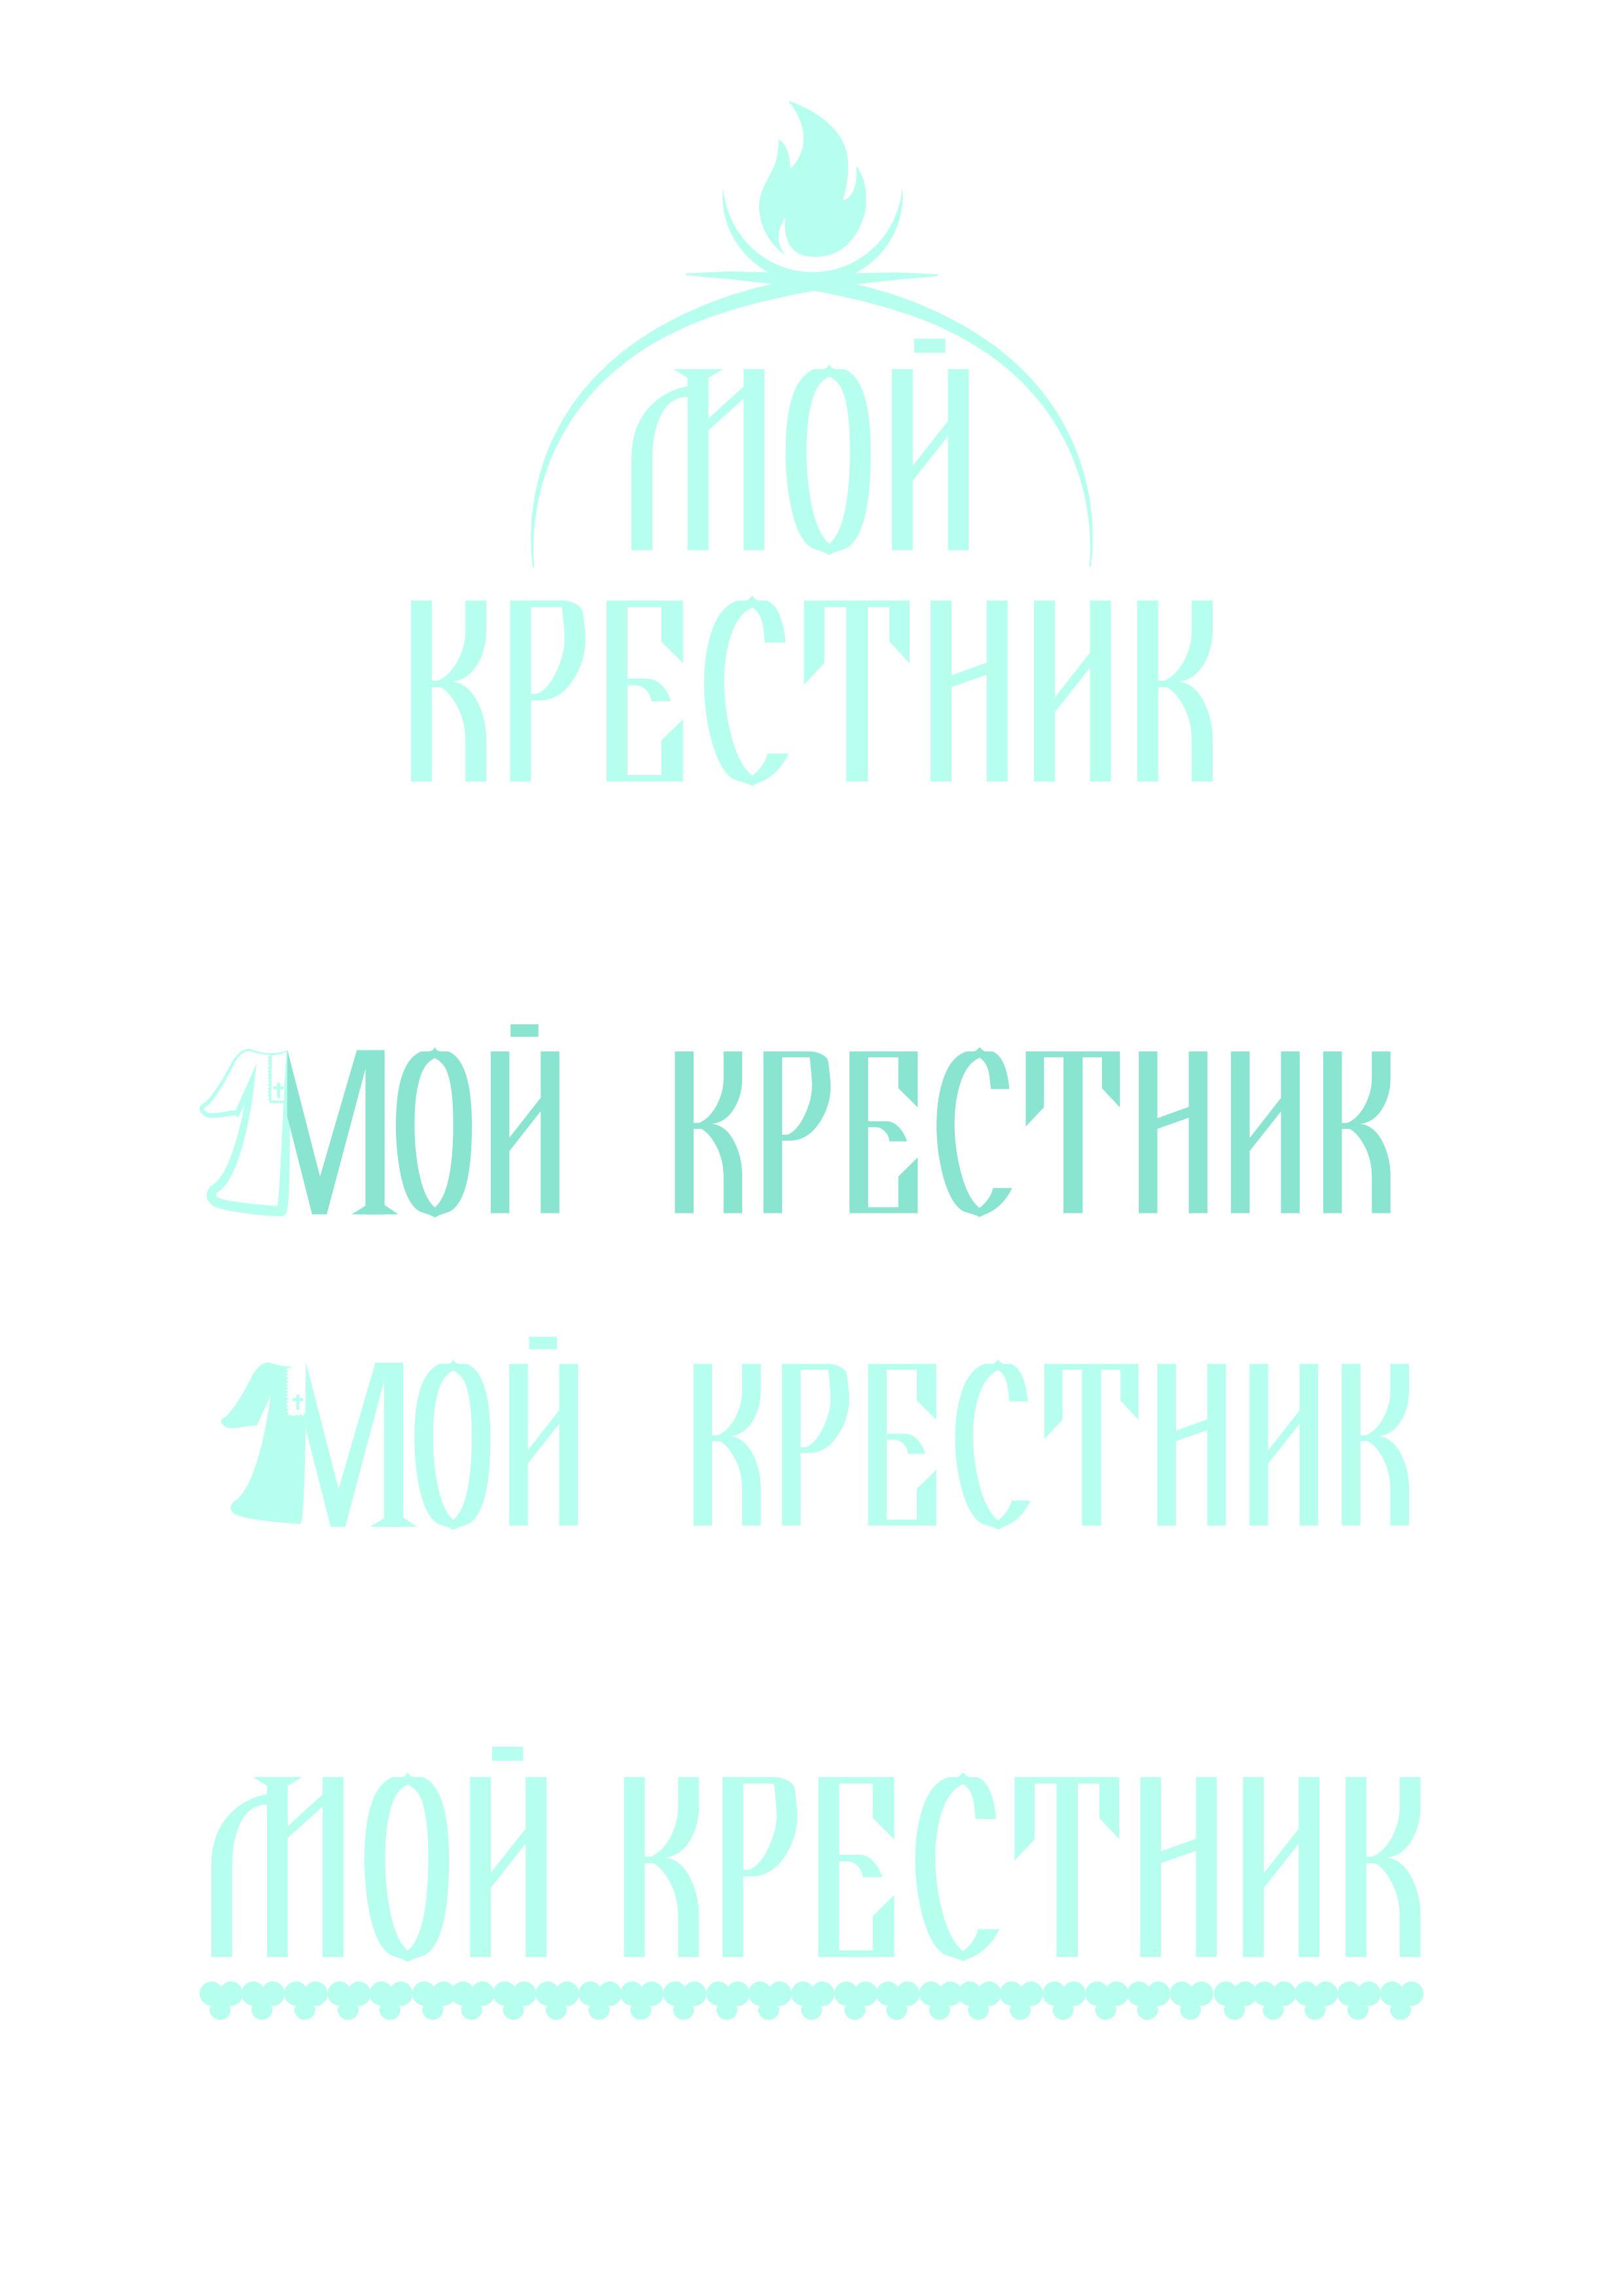 Логотип для крестильной одежды(детской). фото f_3015d4c40c9bc283.jpg